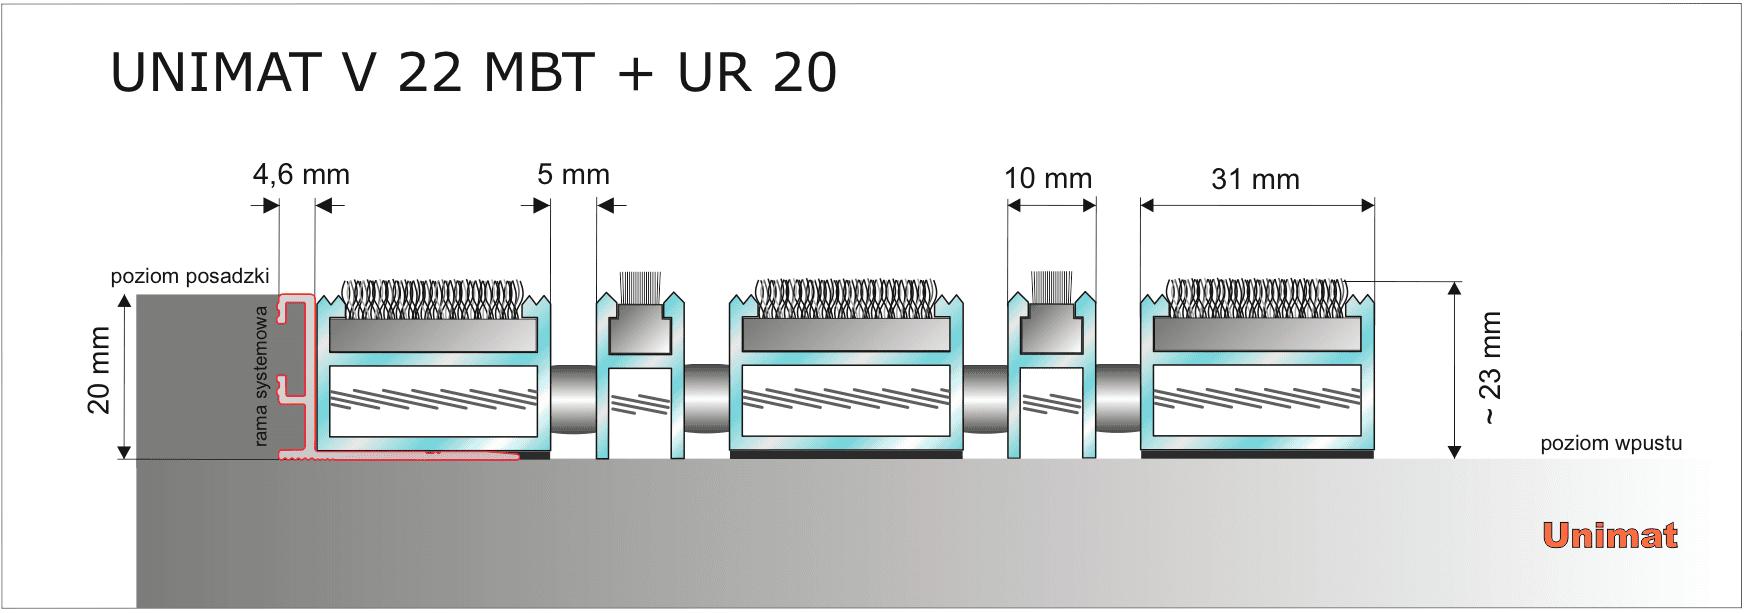 Unimat V 22 MBT + UR20.png